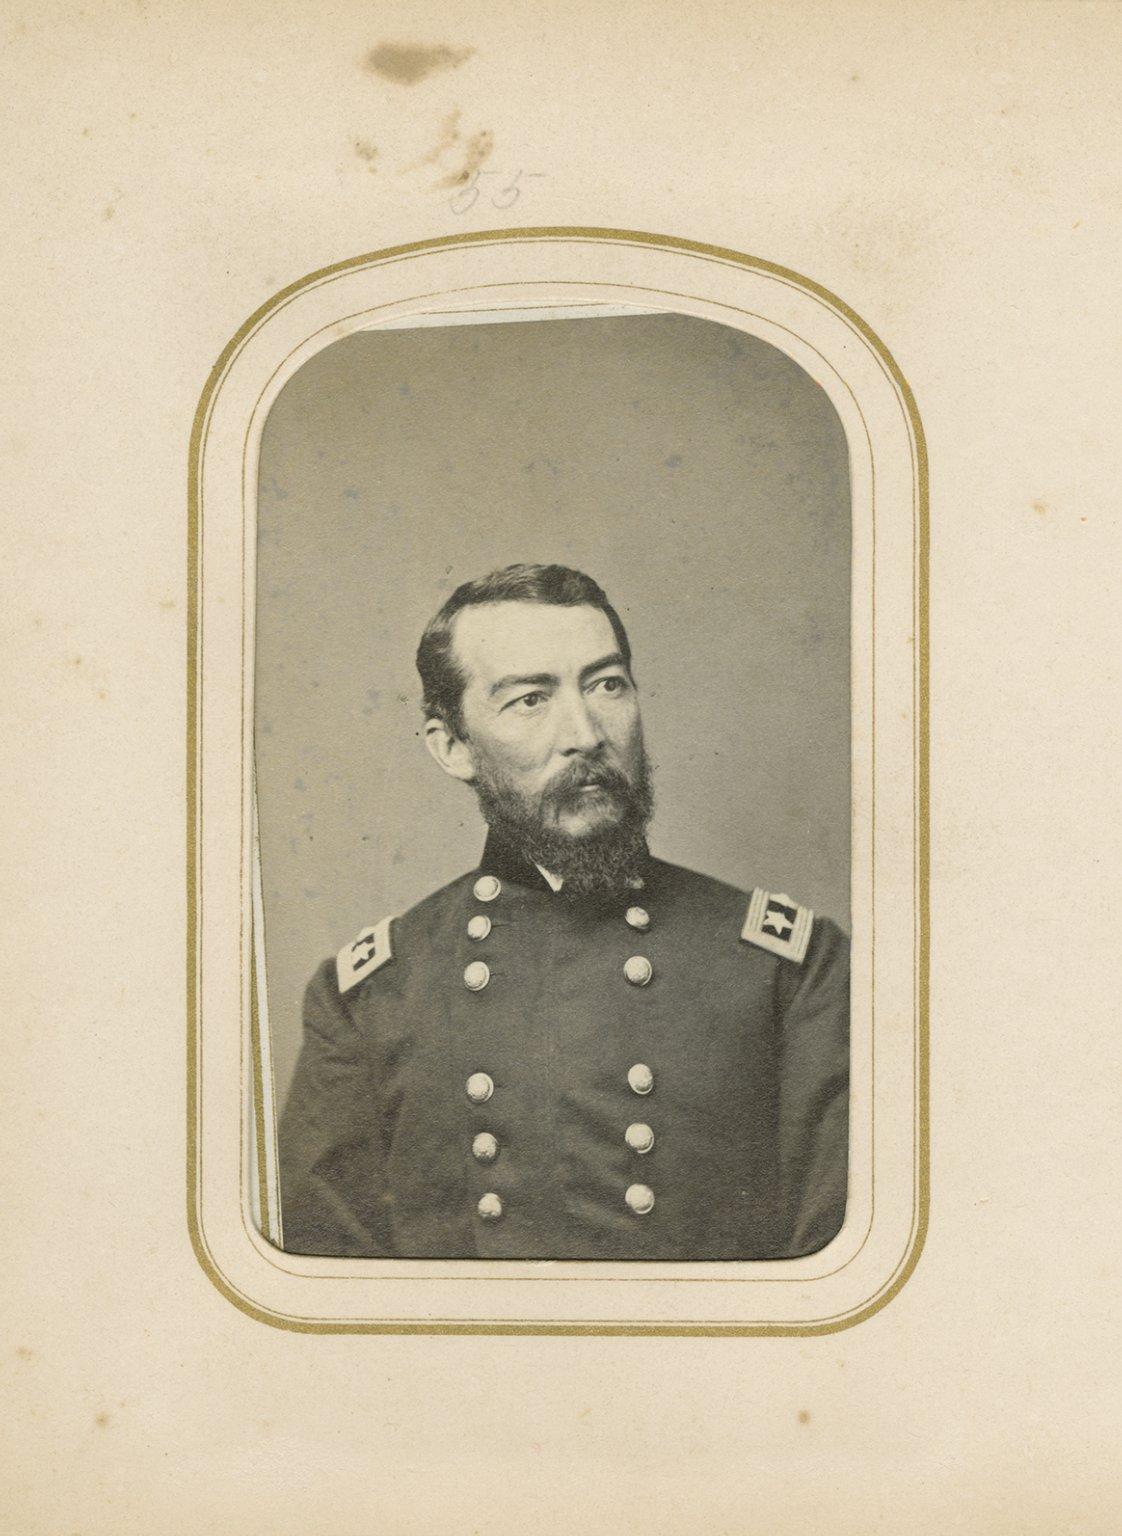 Gen. Philip Sheridan